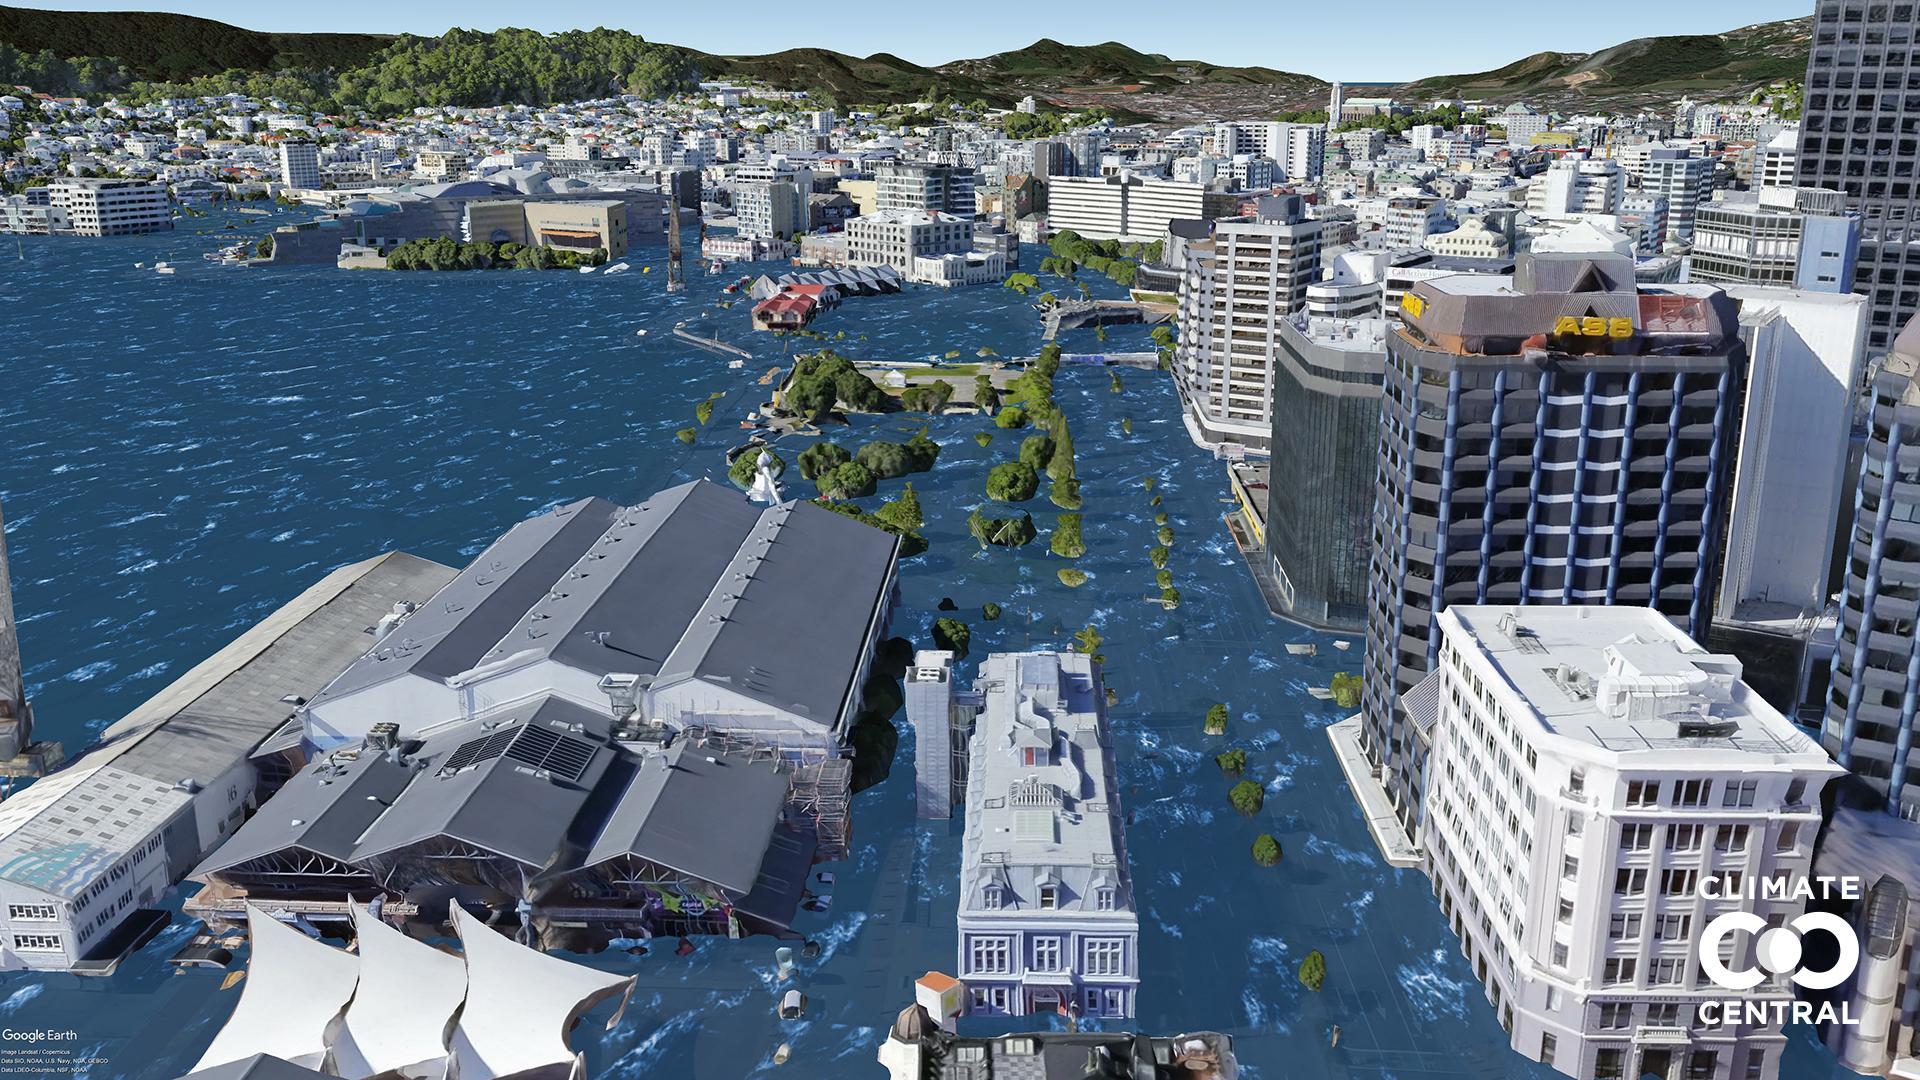 Các thành phố lớn sẽ thế nào nếu Trái đất tăng thêm 3 độ C? - ảnh 14